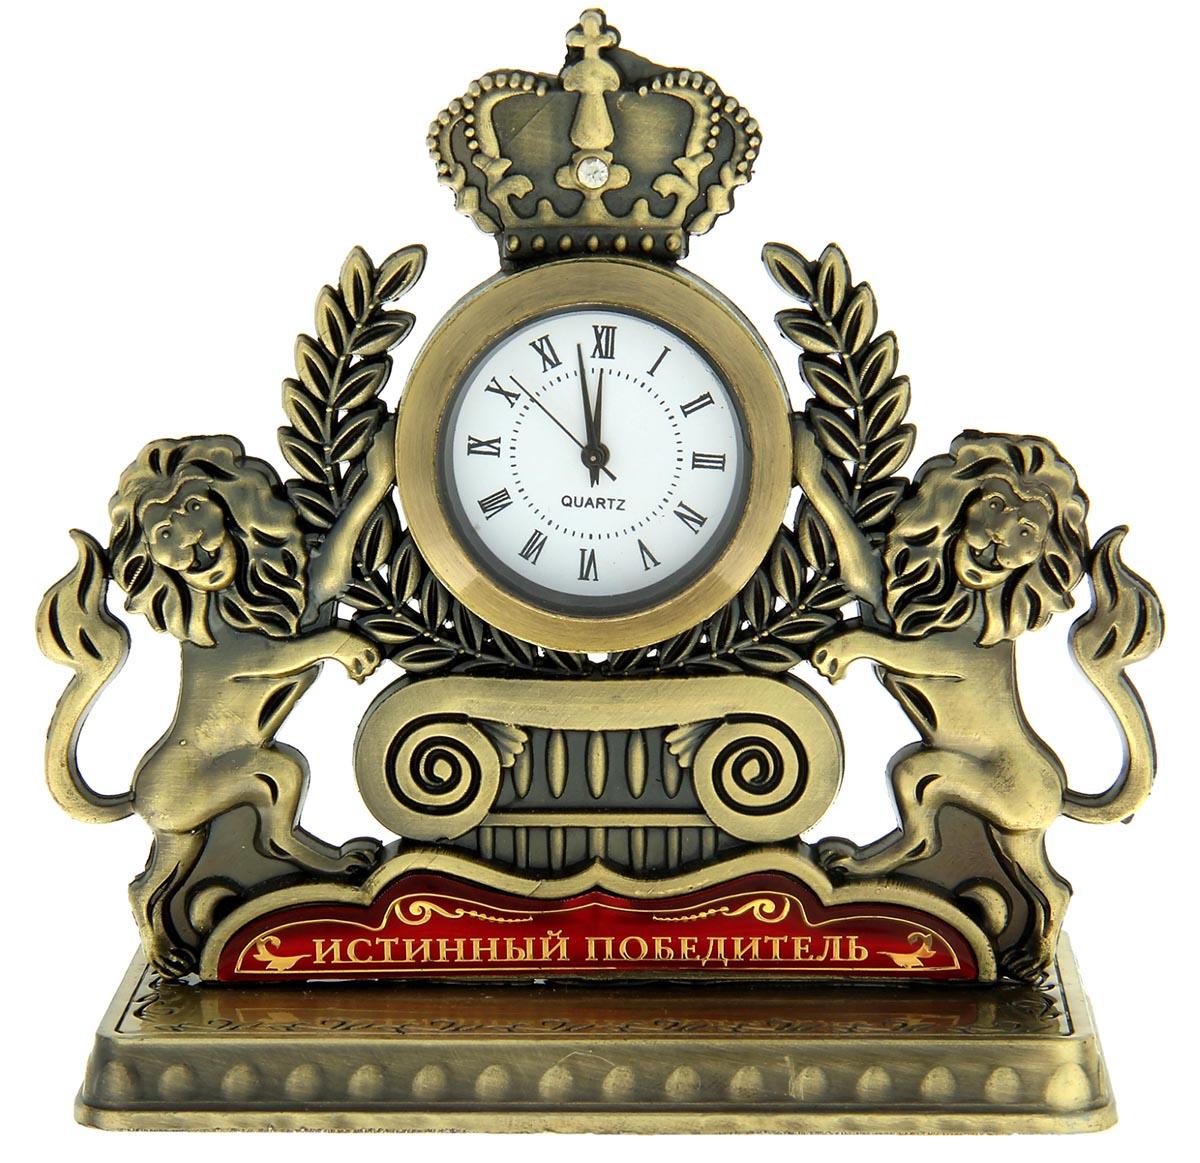 """Время покорять мир Часы """"Истинный победитель"""" — отличный подарок для начальника, друга или коллеги. Фигурная статуэтка с «царями природы» подчеркнёт статус и стиль обладателя. Оригинальный аксессуар станет предметом зависти для окружающих. Корона украшена стразой, на обратной стороне выгравирована мотивирующая надпись. Механизм вынимается из основы для смены батареек. Часы преподносятся в подарочной коробочке с прозрачным окном."""